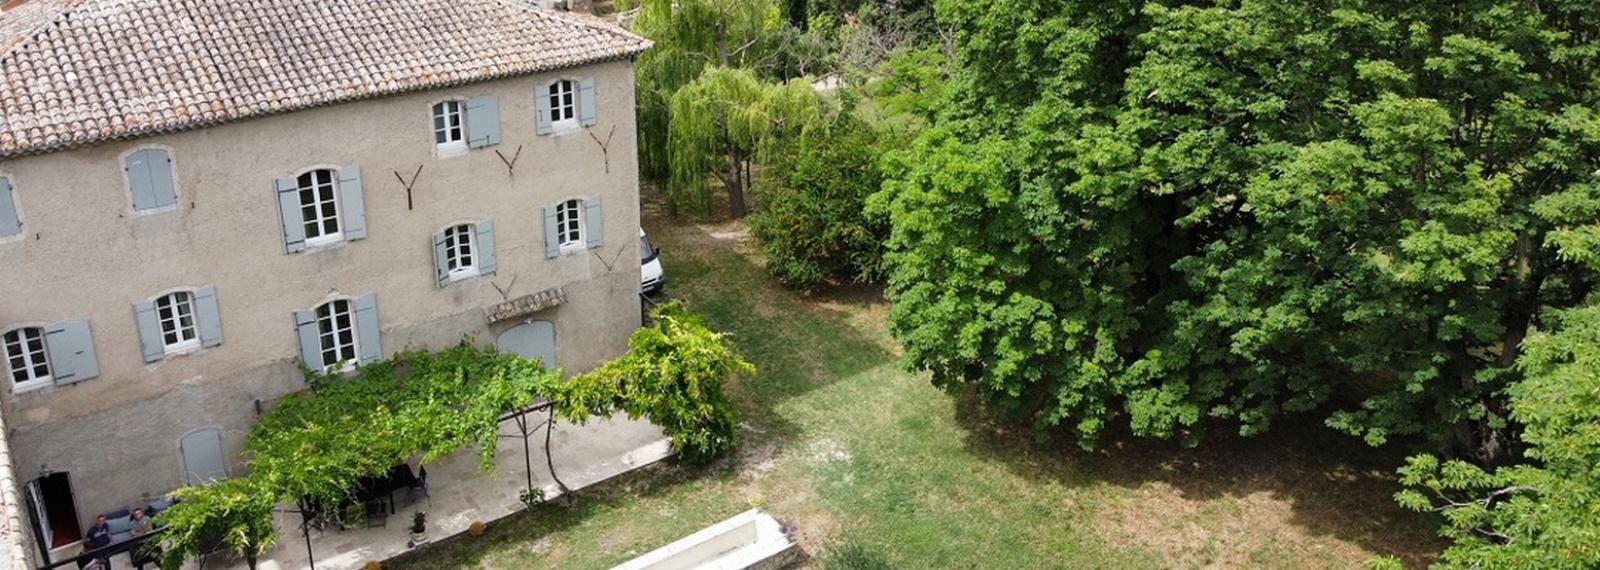 Chambres d'hôtes à Saint-Rémy-de-Provence Domaine de Romanil